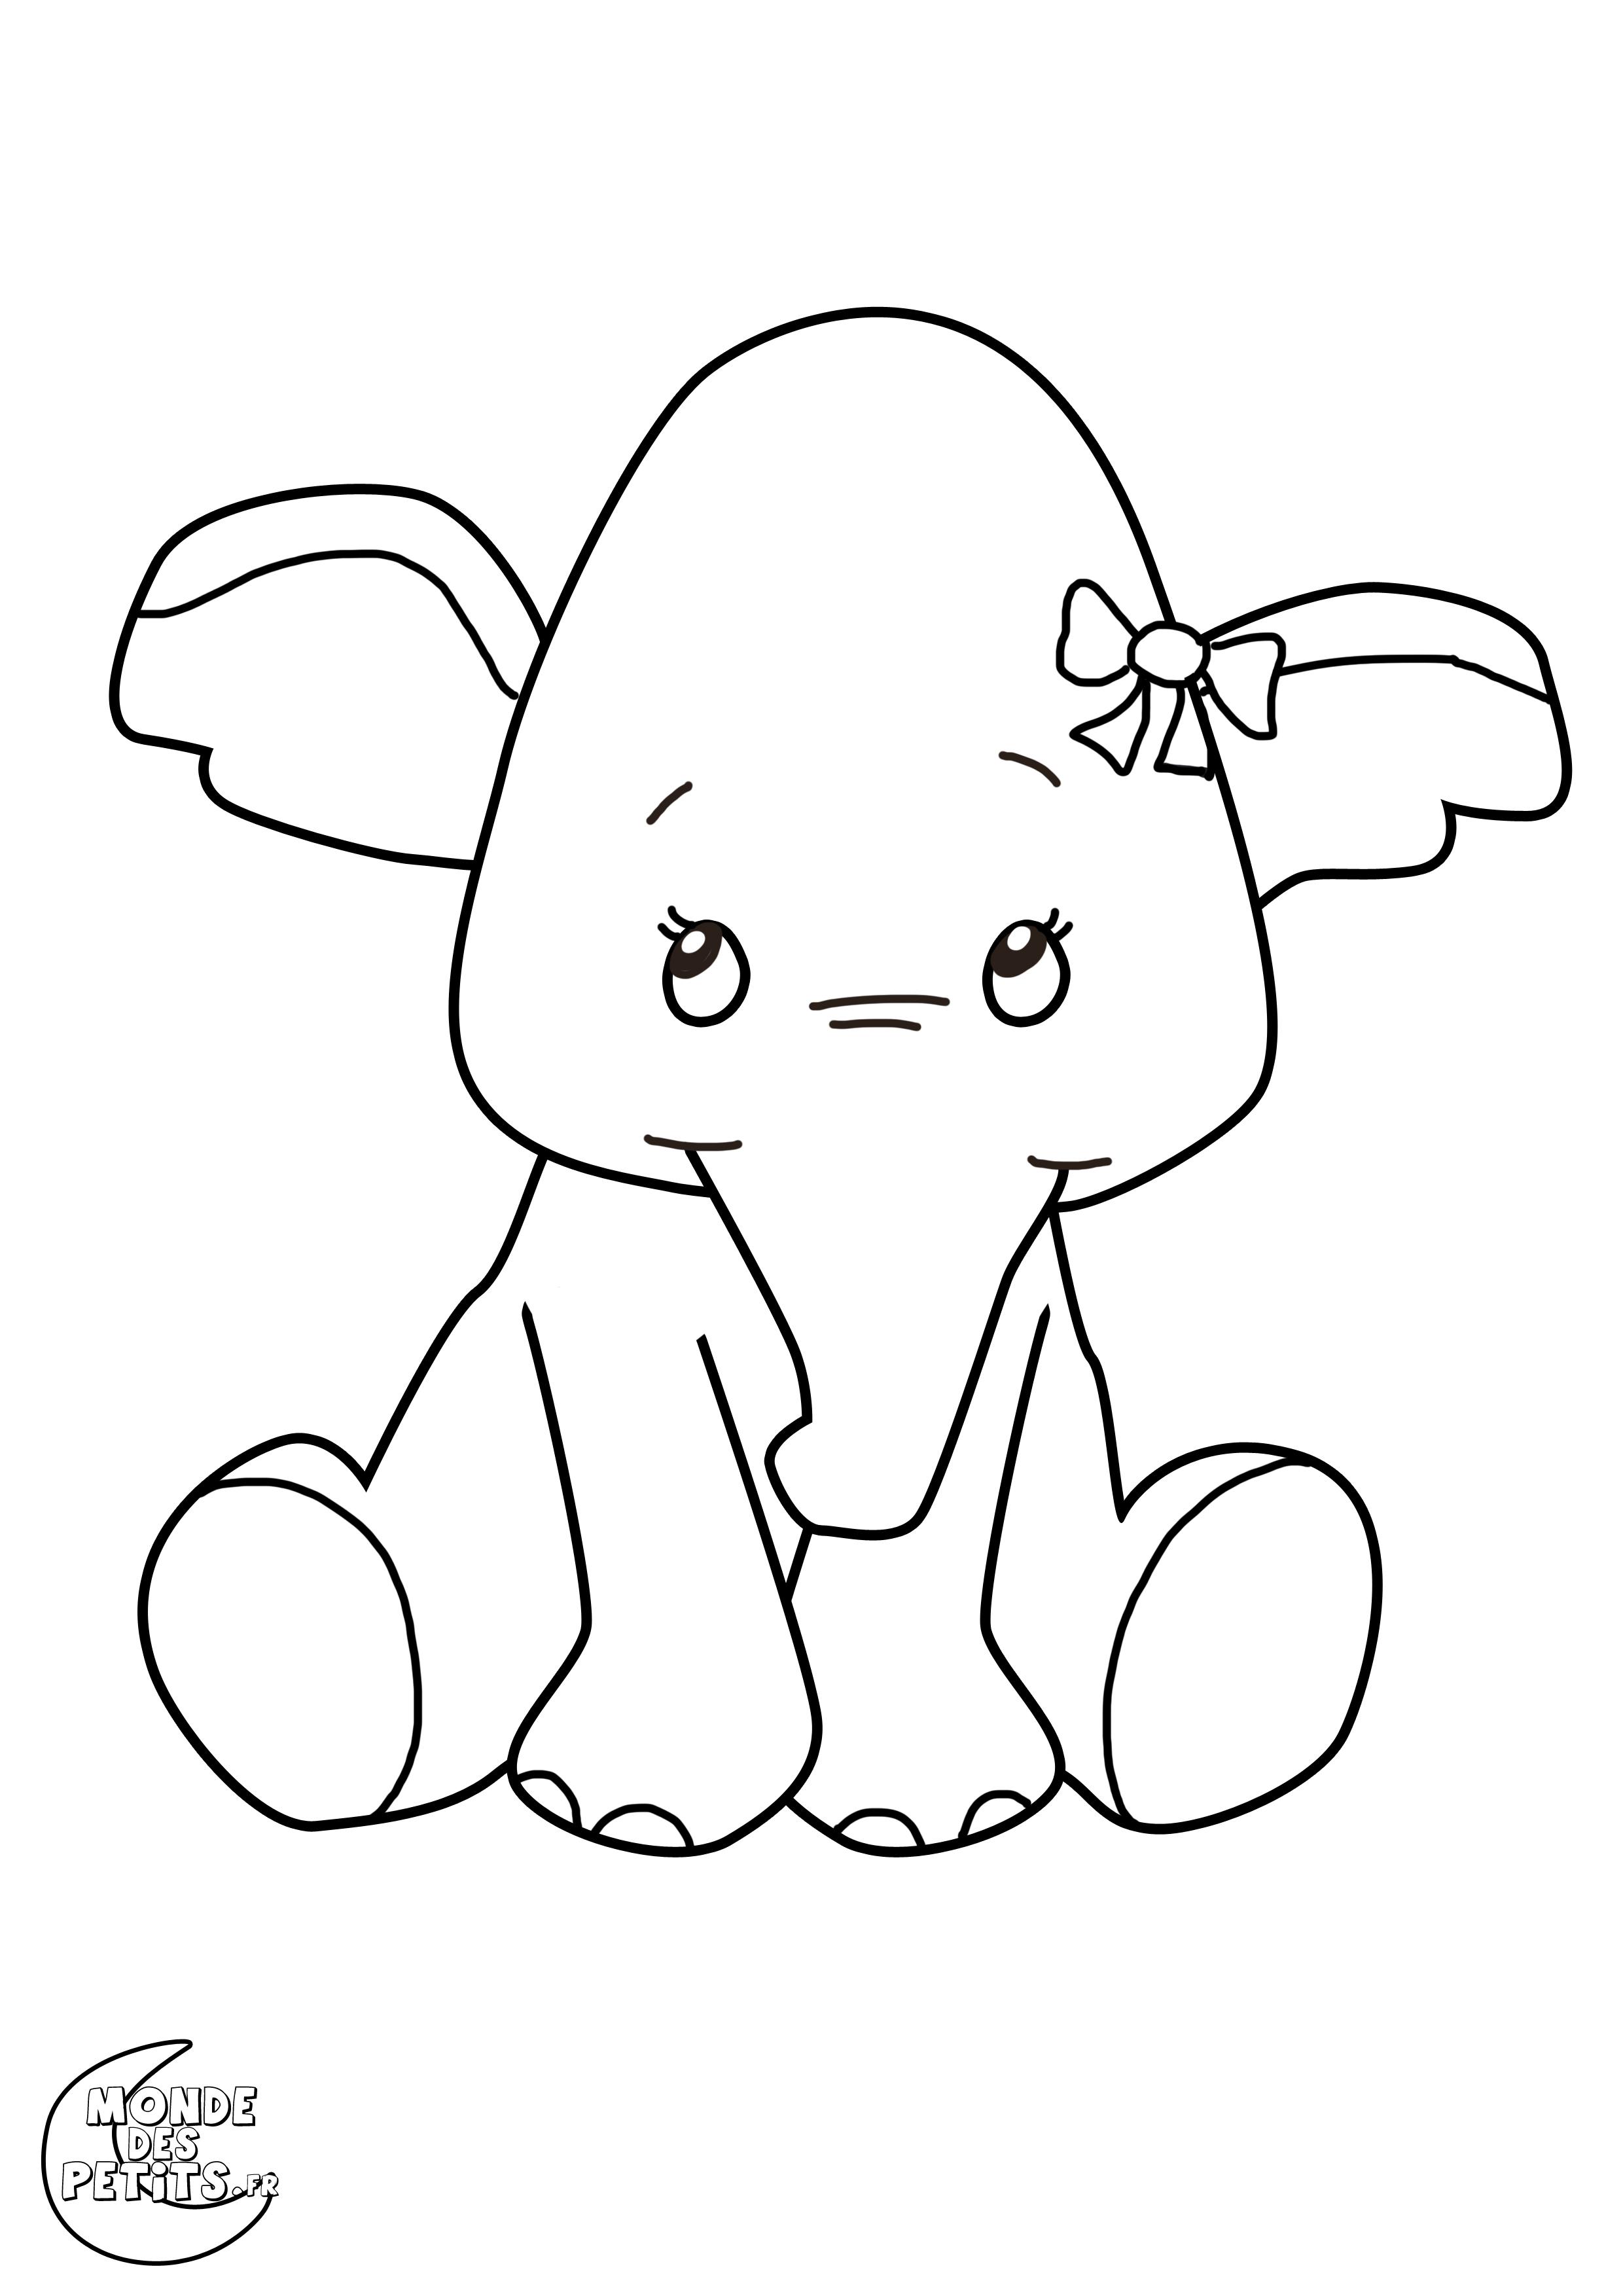 Coloriage Poisson Elephant.Monde Des Petits Coloriages A Imprimer